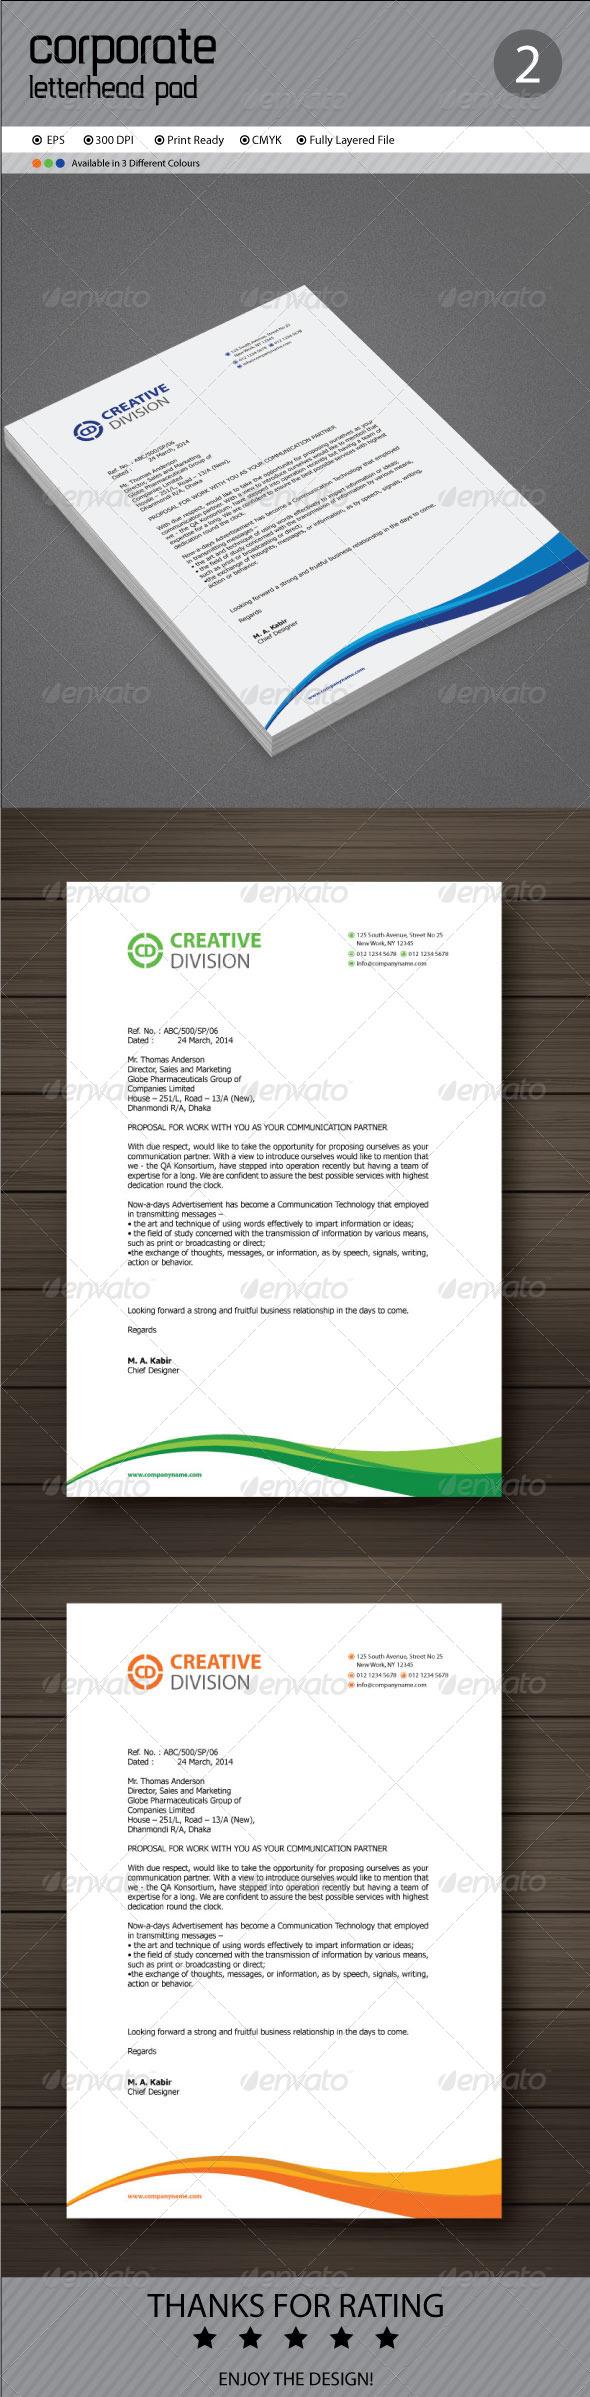 GraphicRiver Corporate Letterhead 7177265